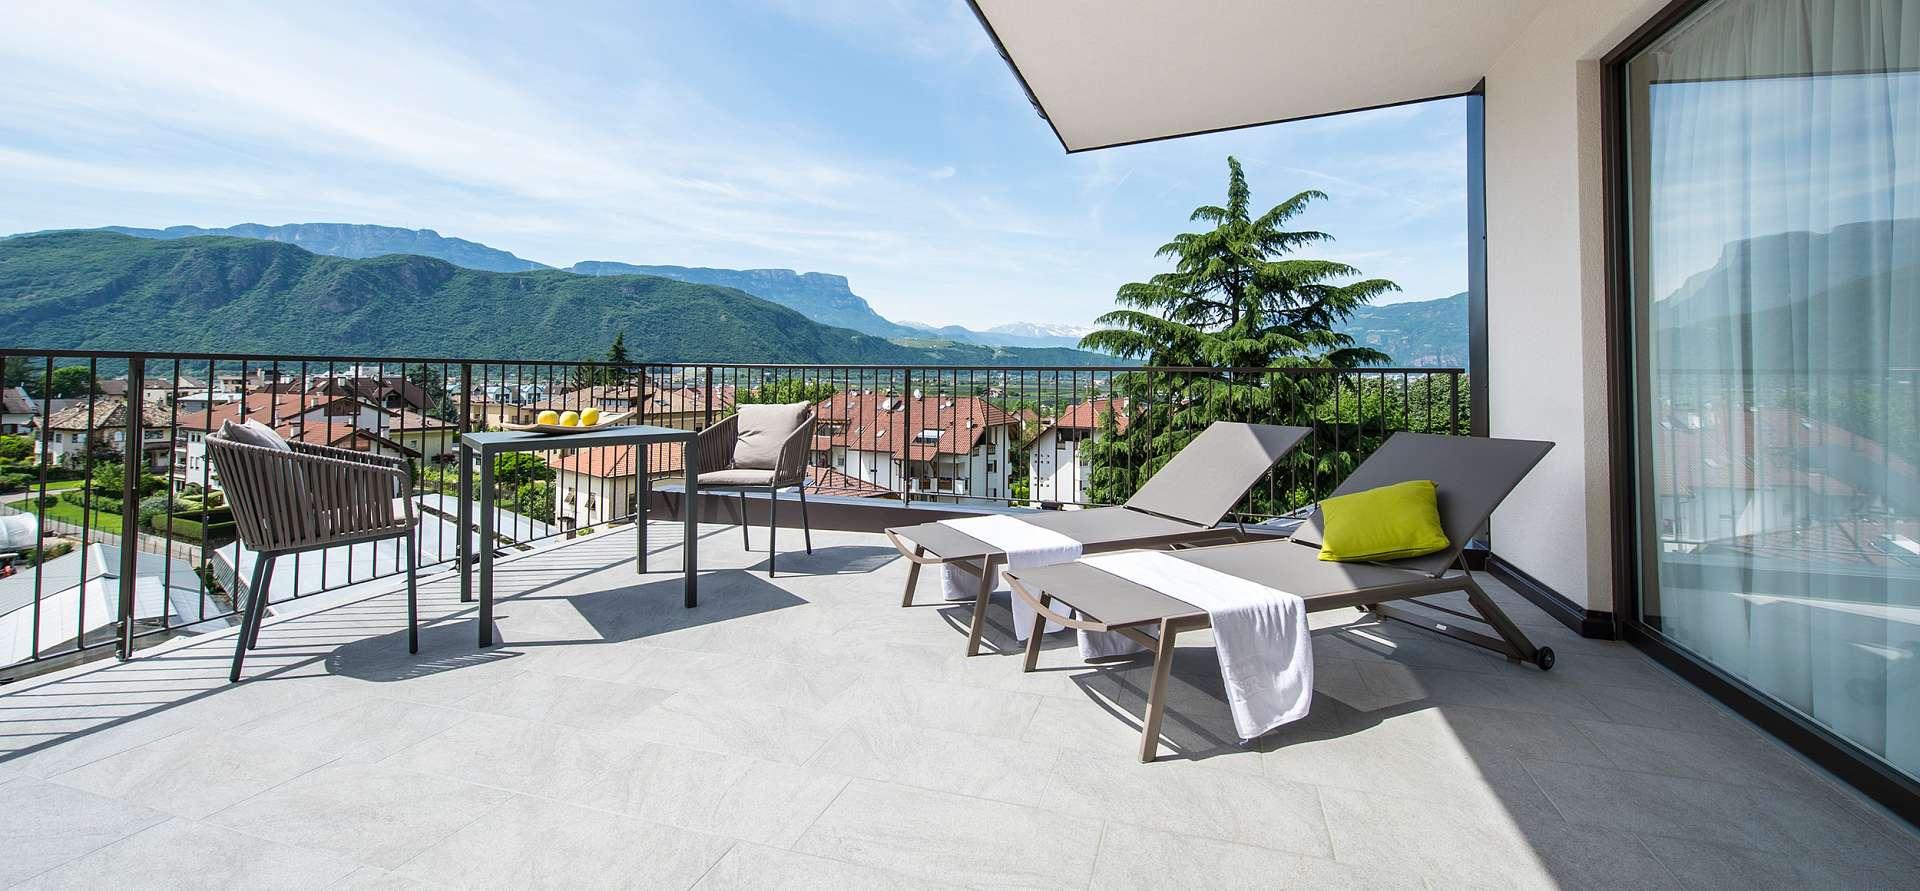 Panorama Terrasse Hotel Bozen: 250 Sonnentage für Ihre Südtirol Ferien in Bozen